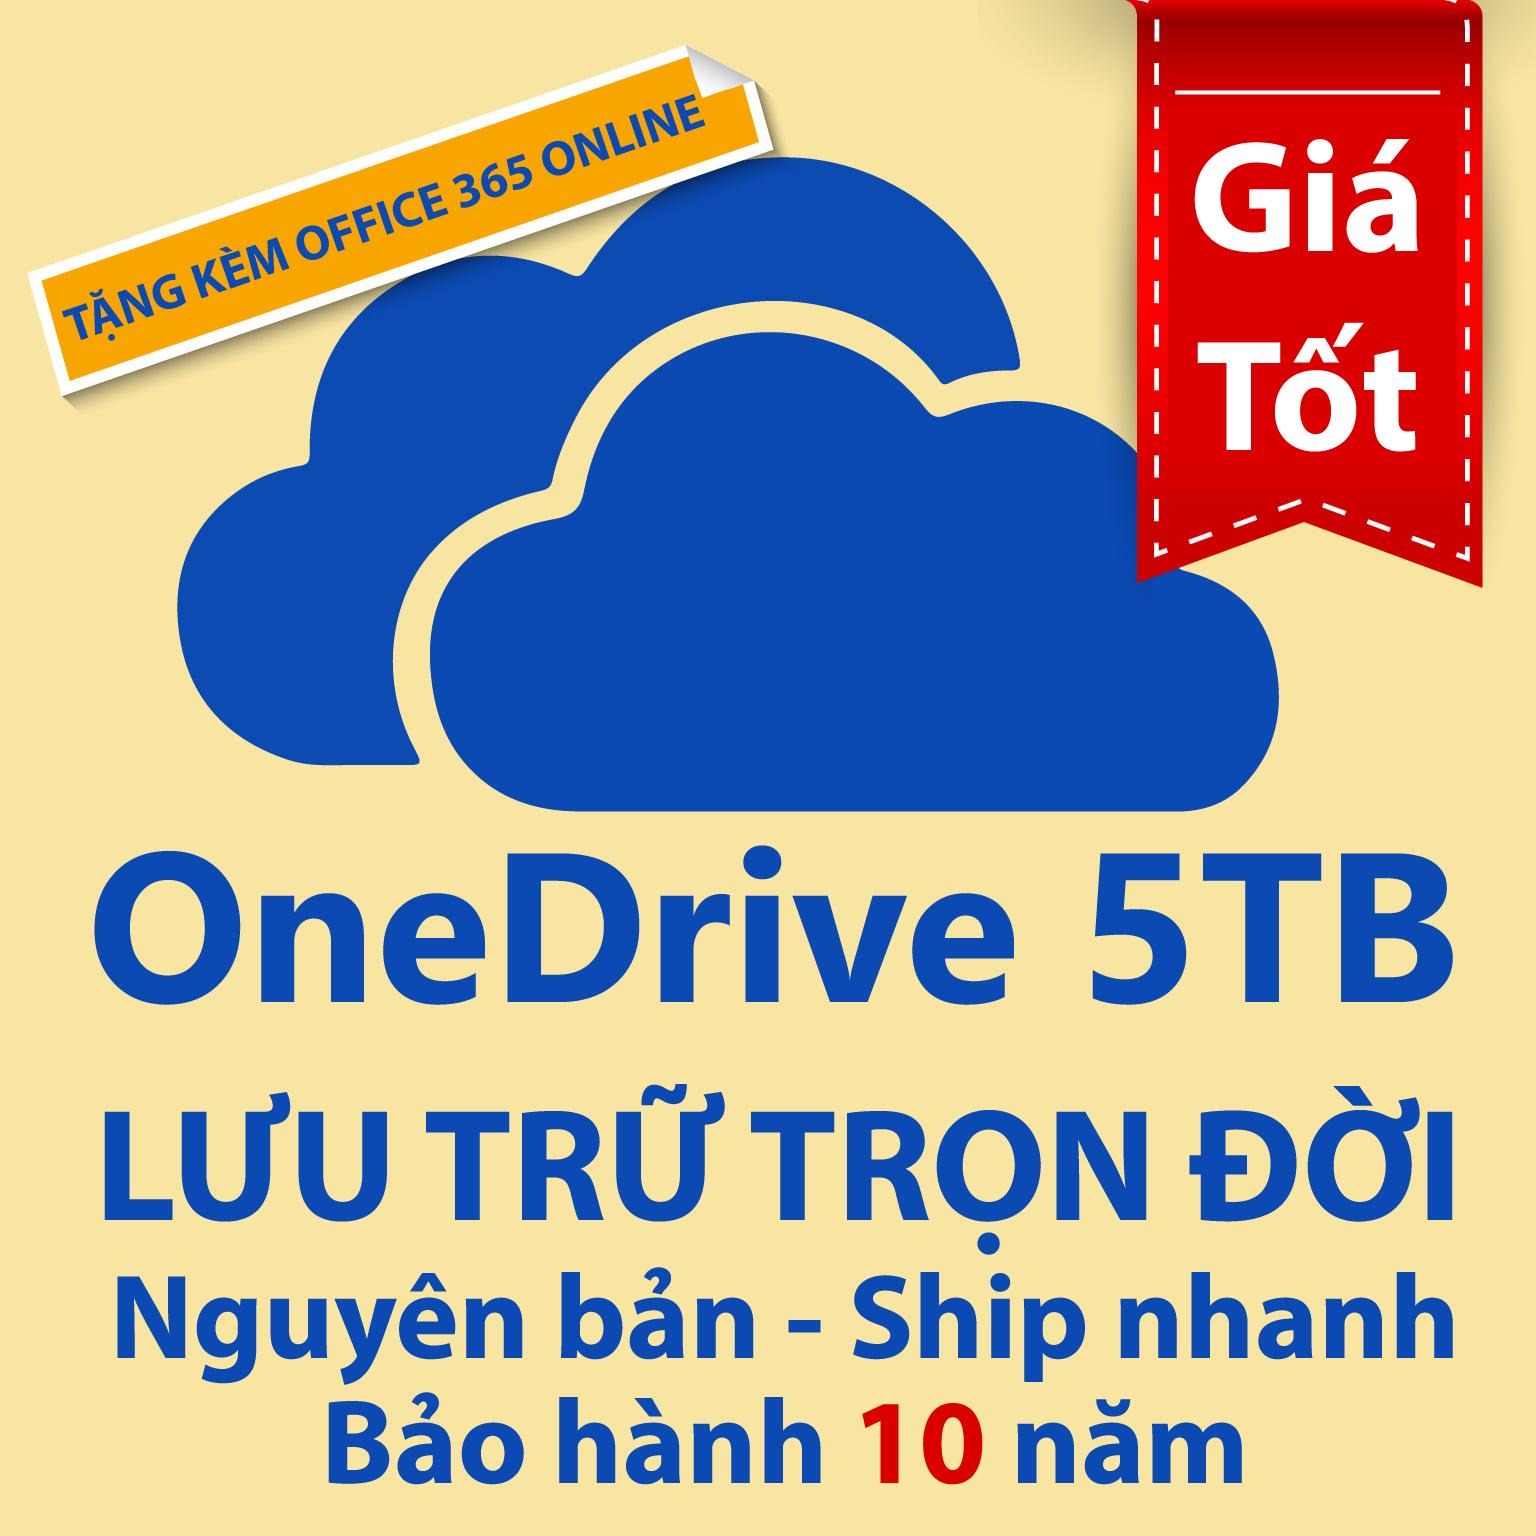 Bản quyền Onedrive 5TB lưu trữ trọn đời